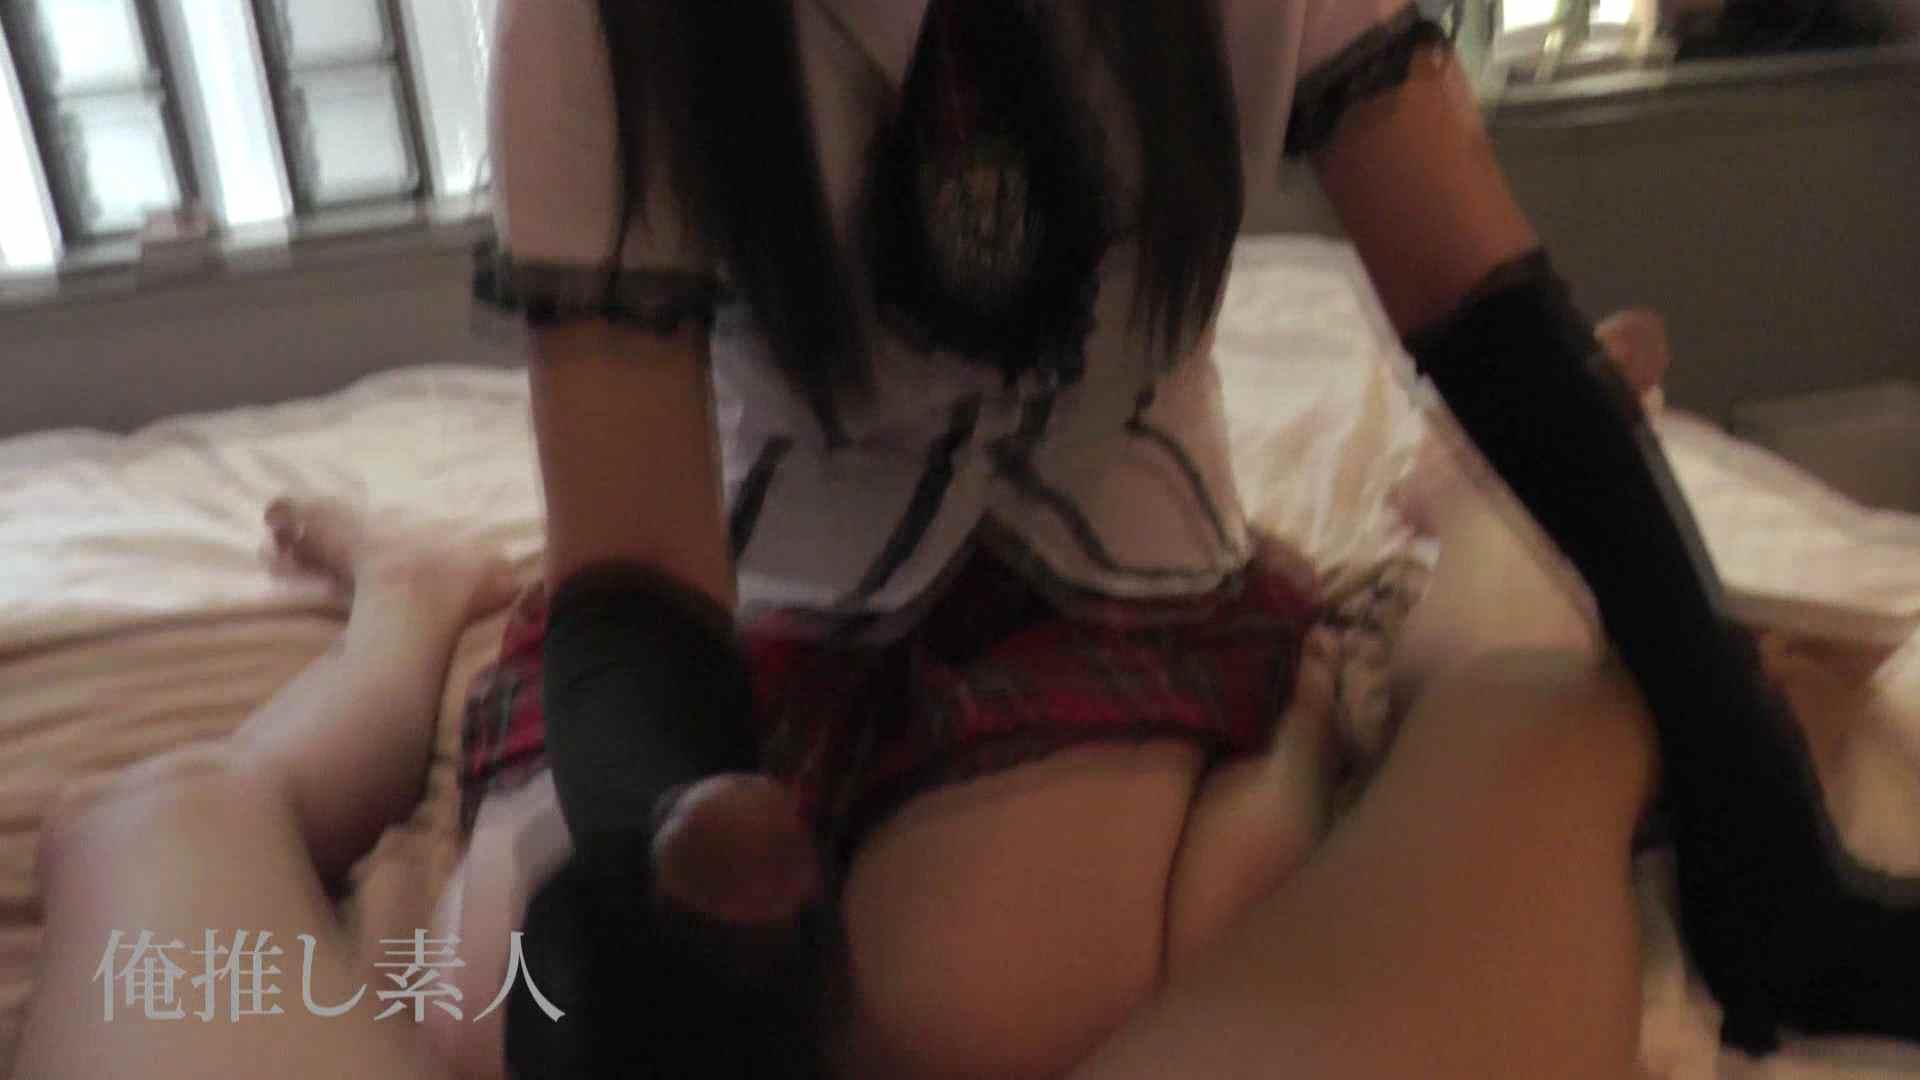 俺推し素人 EカップシングルマザーOL30歳瑤子vol3 人妻の裸体  103枚 12